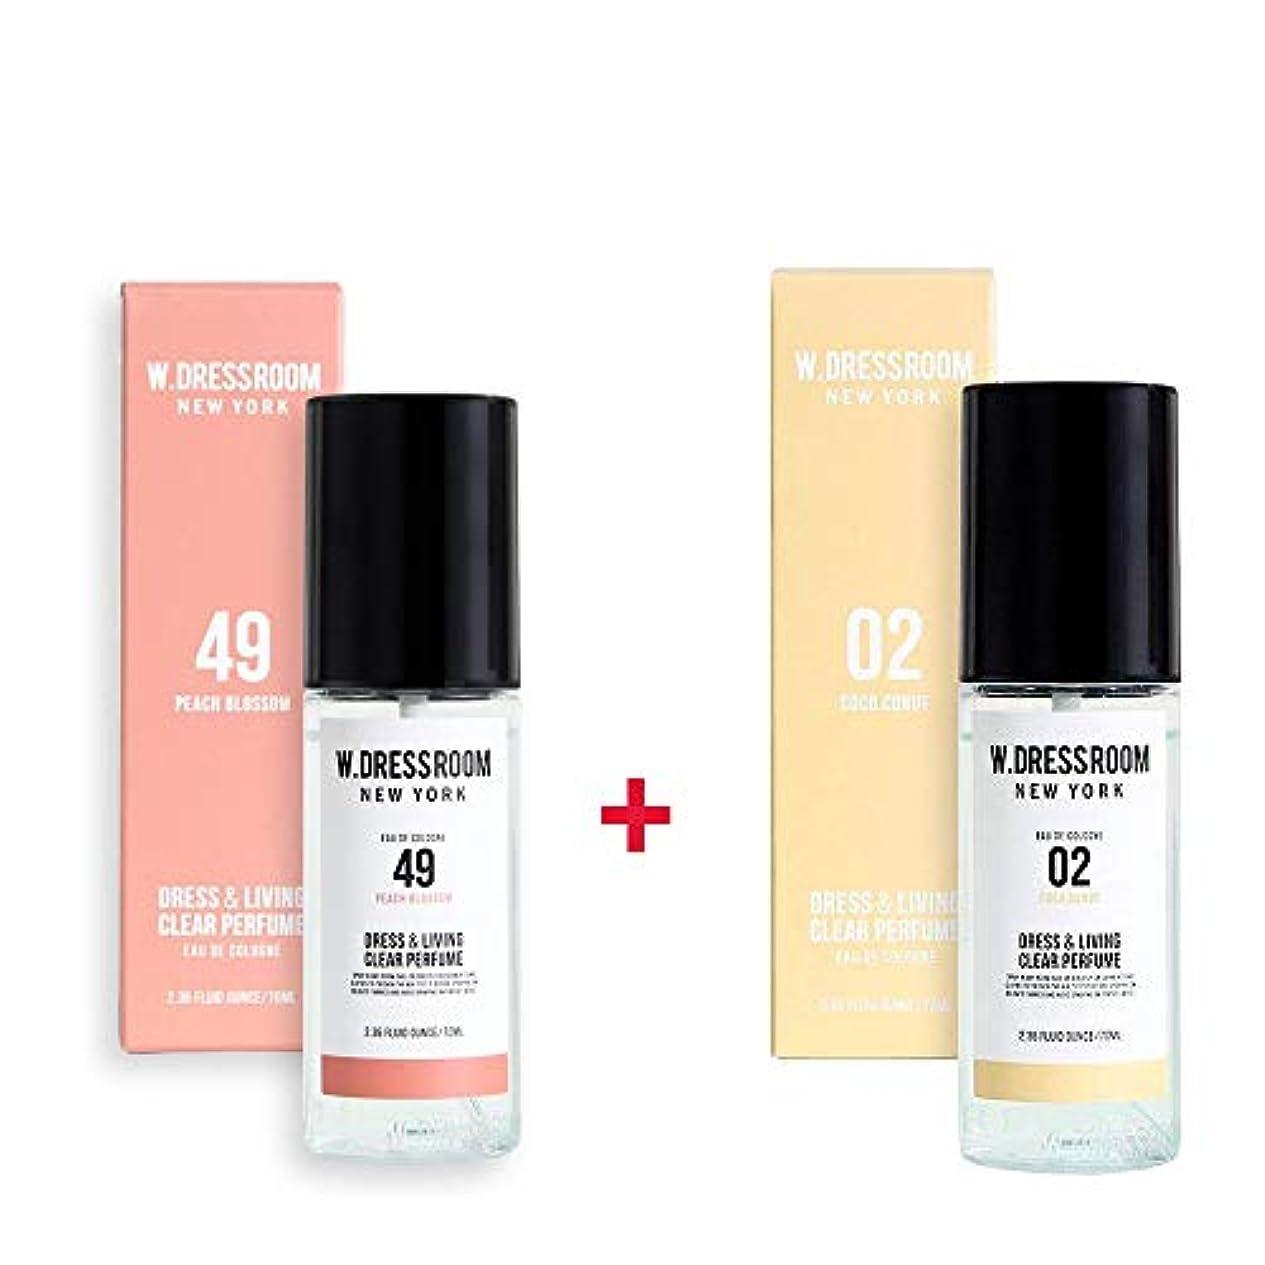 アシストハンカチ後方にW.DRESSROOM Dress & Living Clear Perfume 70ml (No 49 Peach Blossom)+(No .02 Coco Conut)